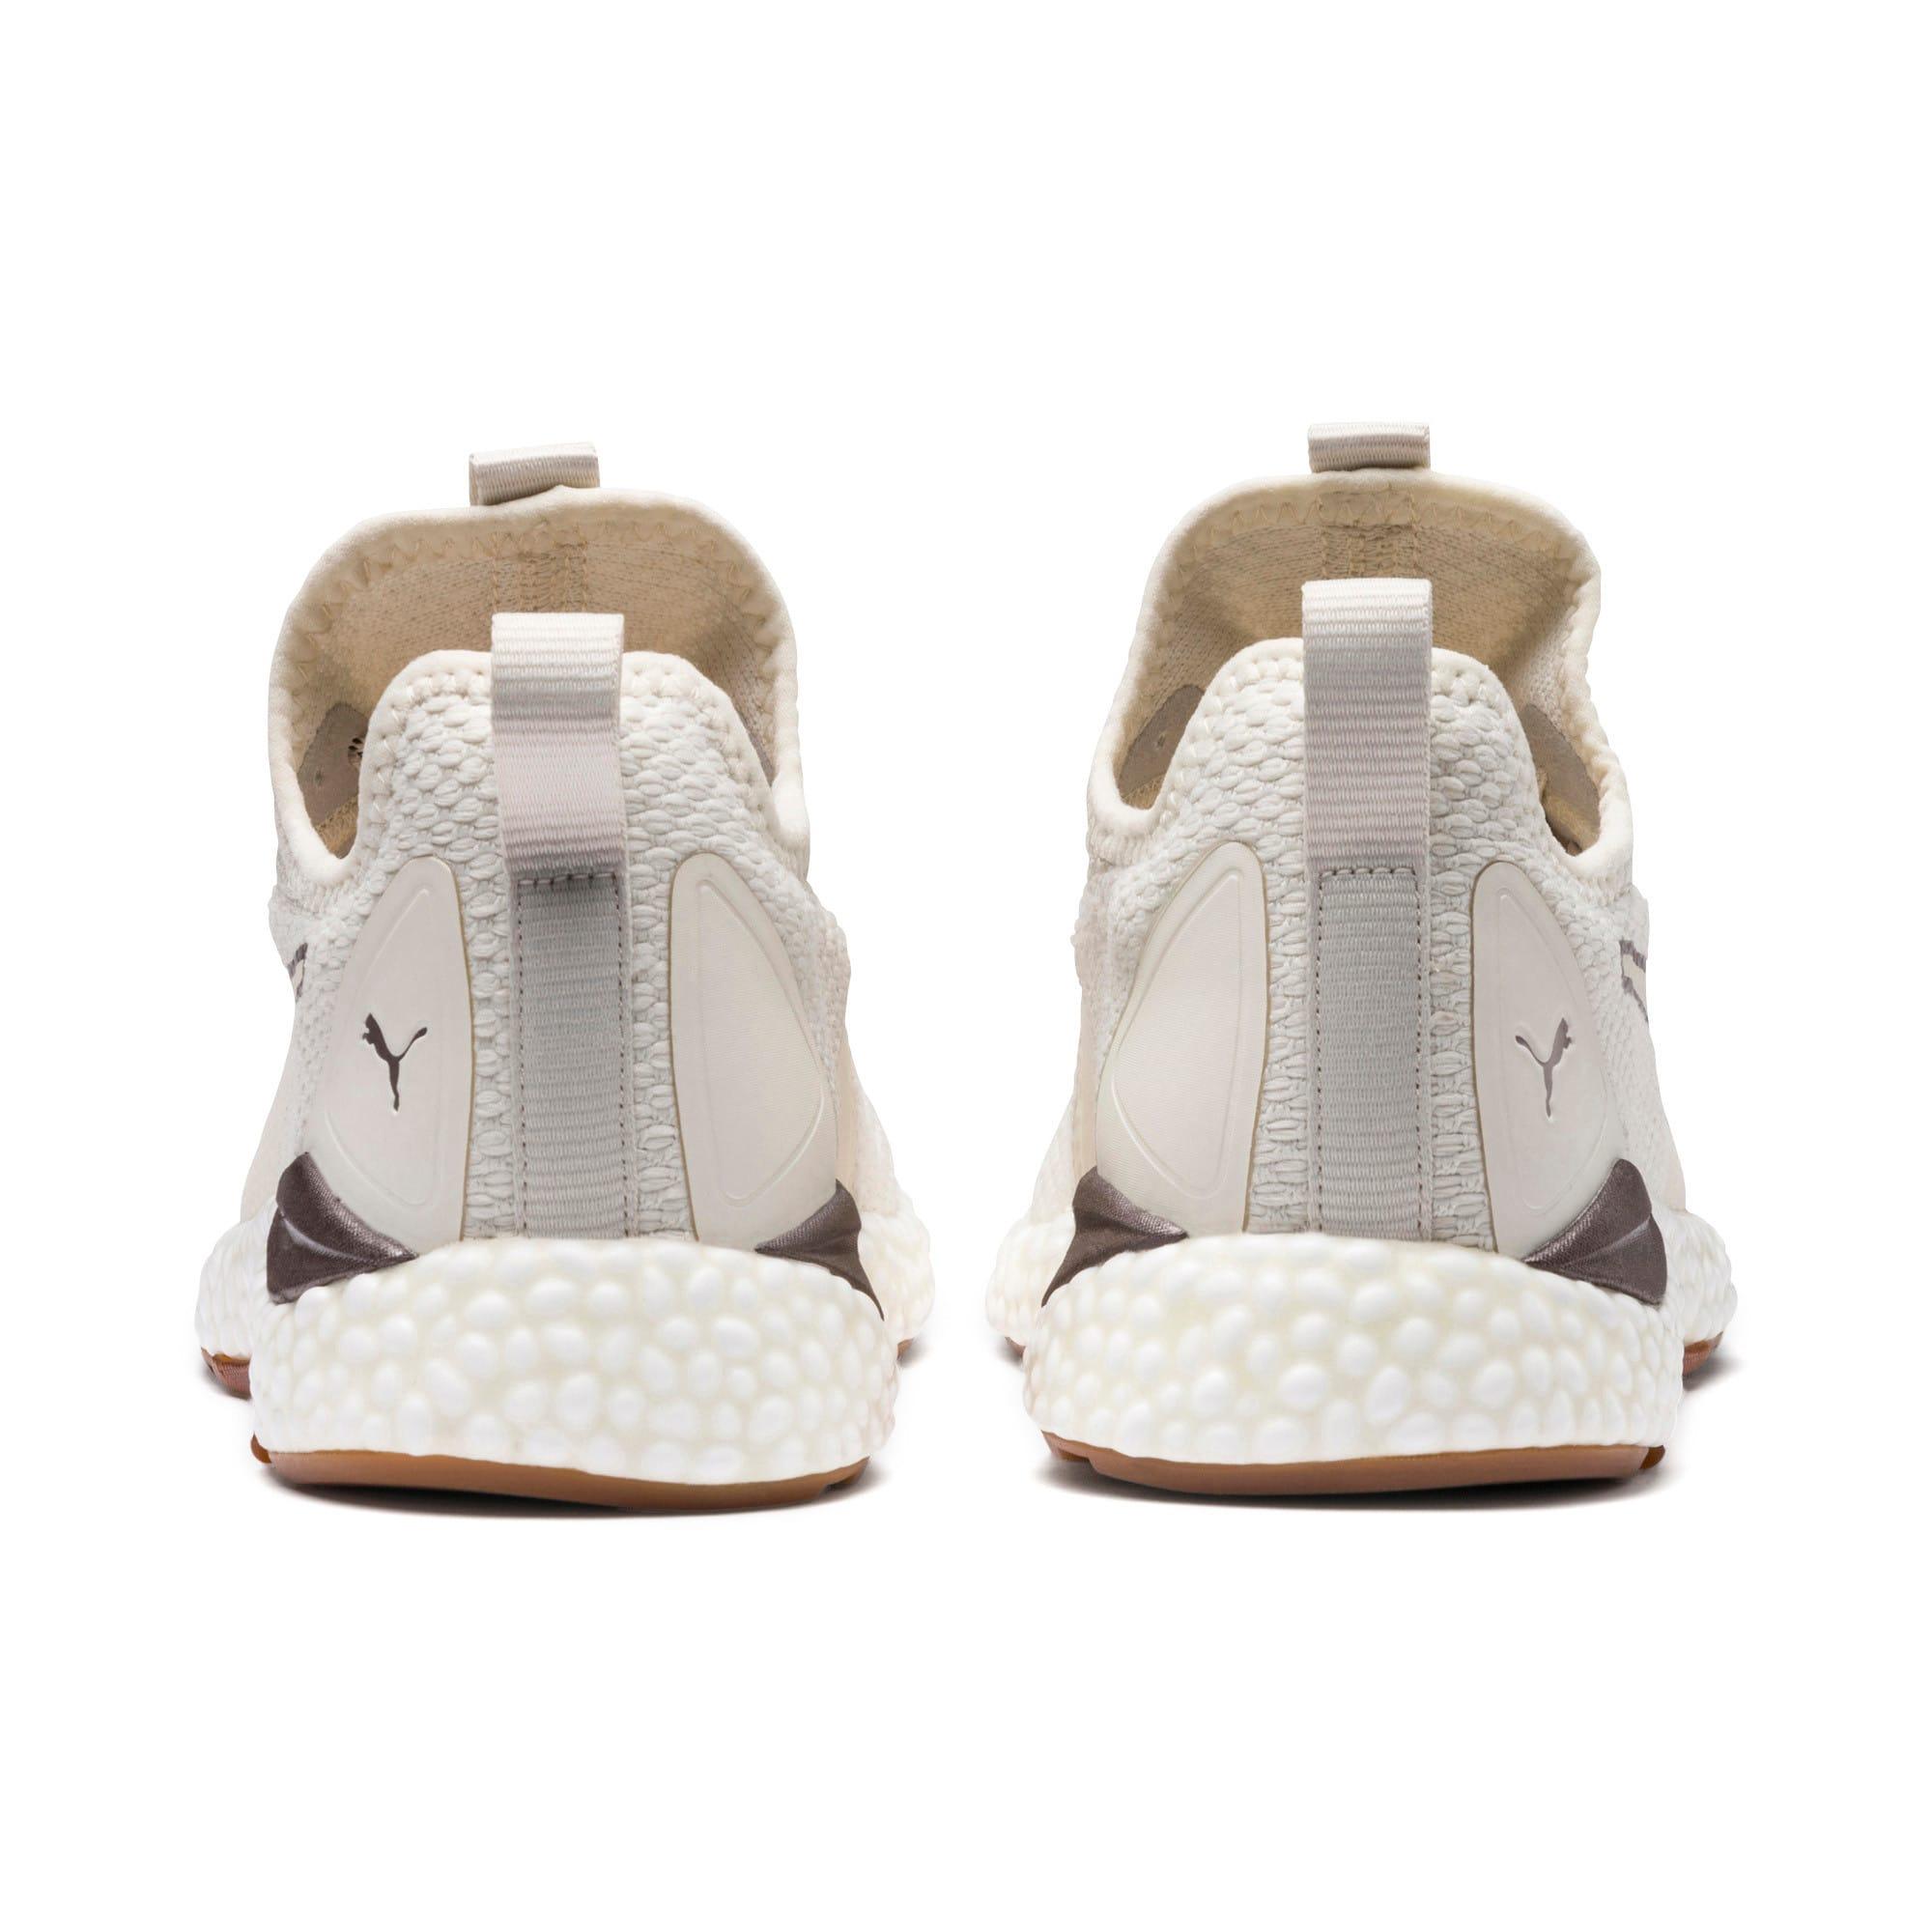 Thumbnail 4 of HYBRID Runner Luxe Women's Running Shoes, Whisper White-Puma White, medium